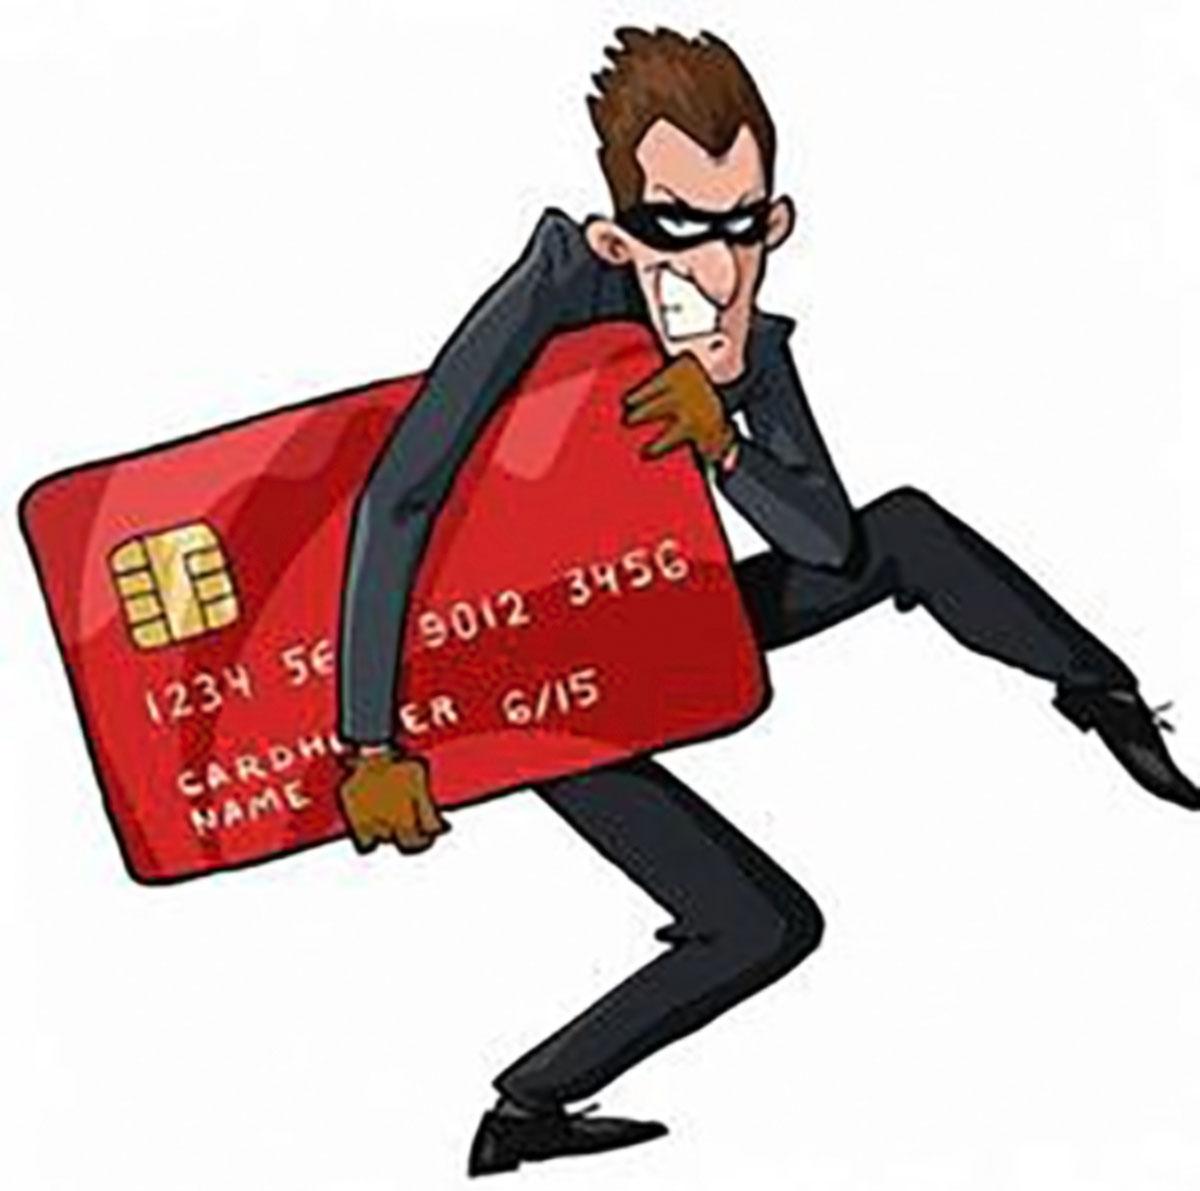 Пересылка в мессенджерах фотографии банковских карт опасно